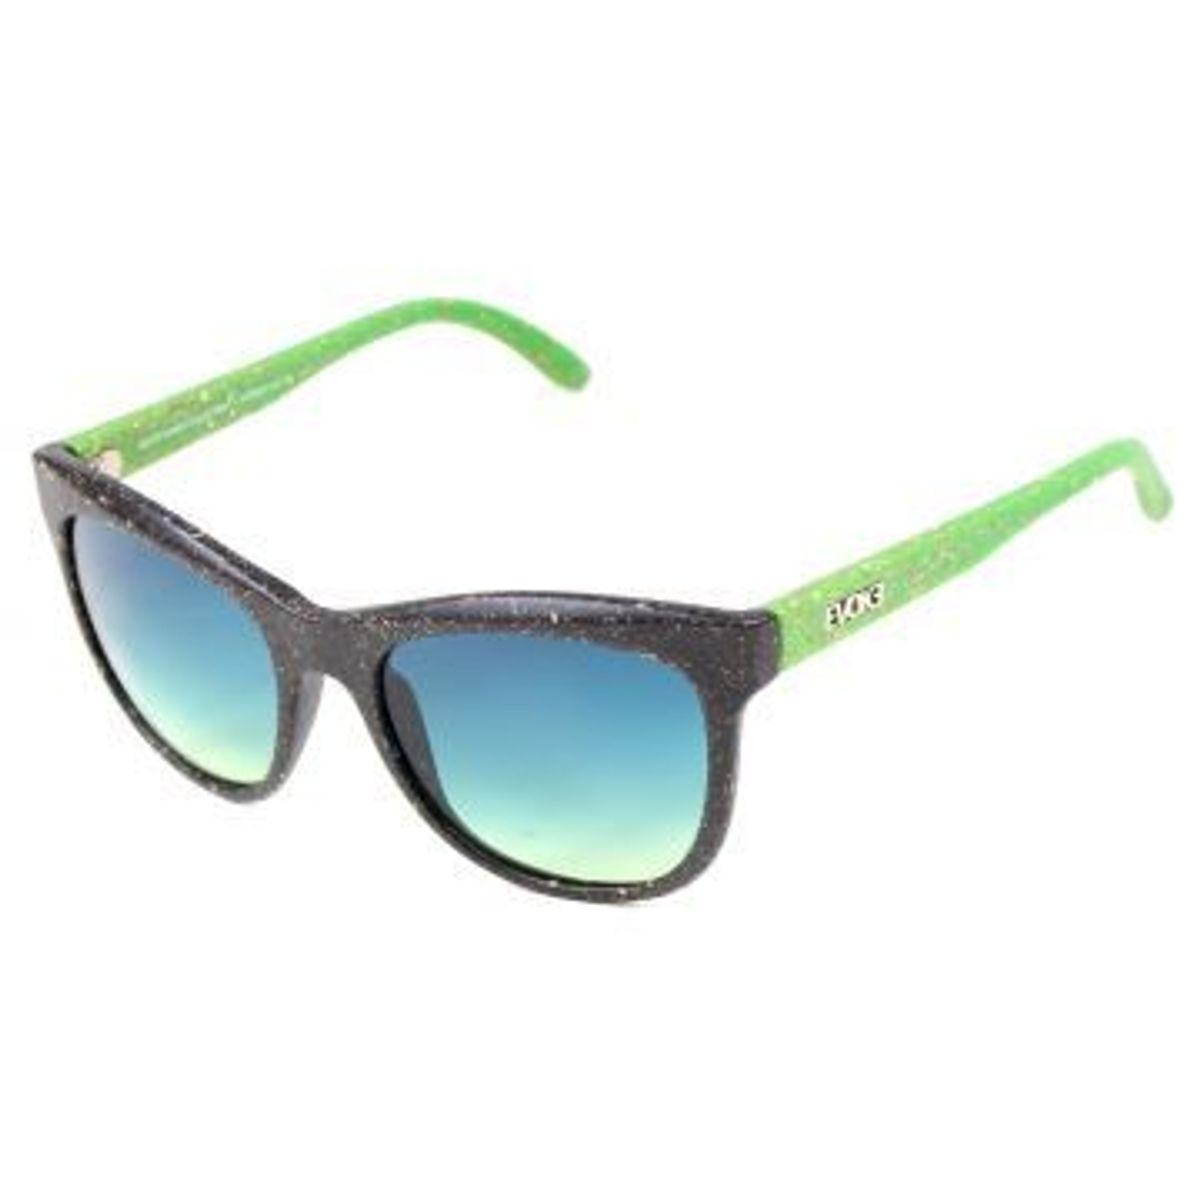 455de8763227f Óculos de Sol Evoke Wood Hybrid Ii - A03